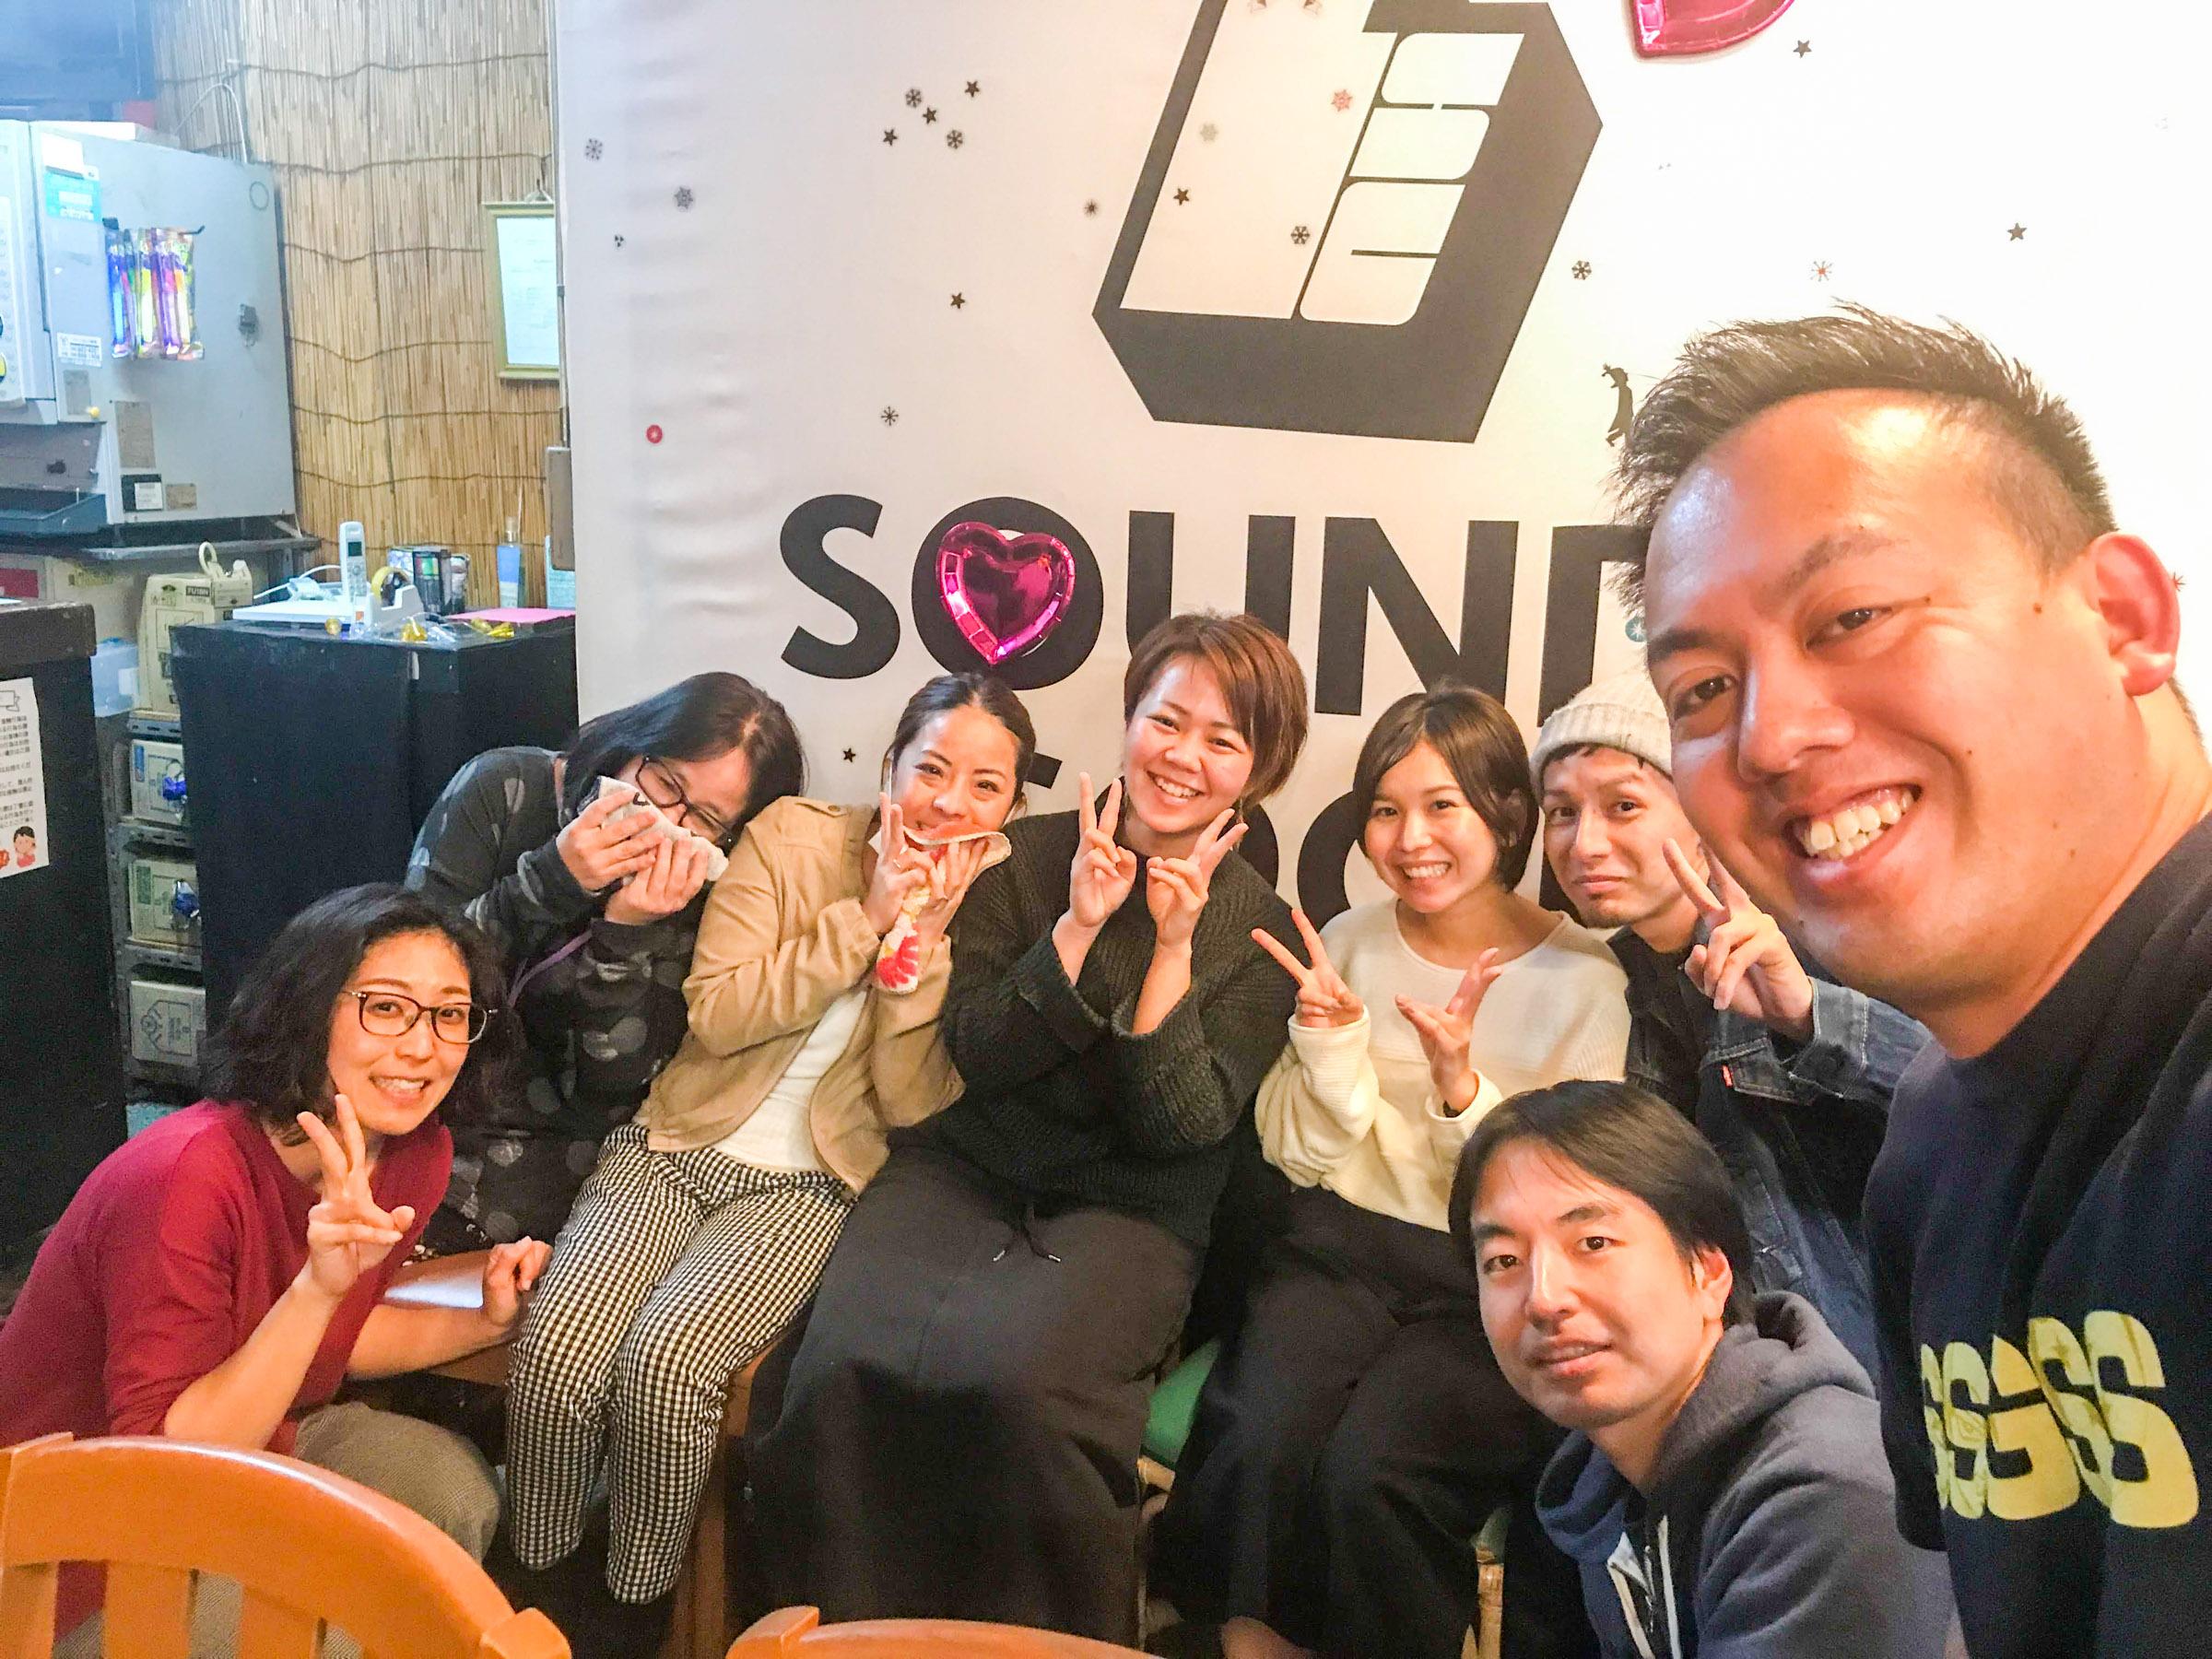 2019 2/3 沖縄 那覇SOUNDSGOODで #はしもとんの勉強会 を開催しました〜!ライティング、クラファン、音楽セッションイベントと盛りだくさん